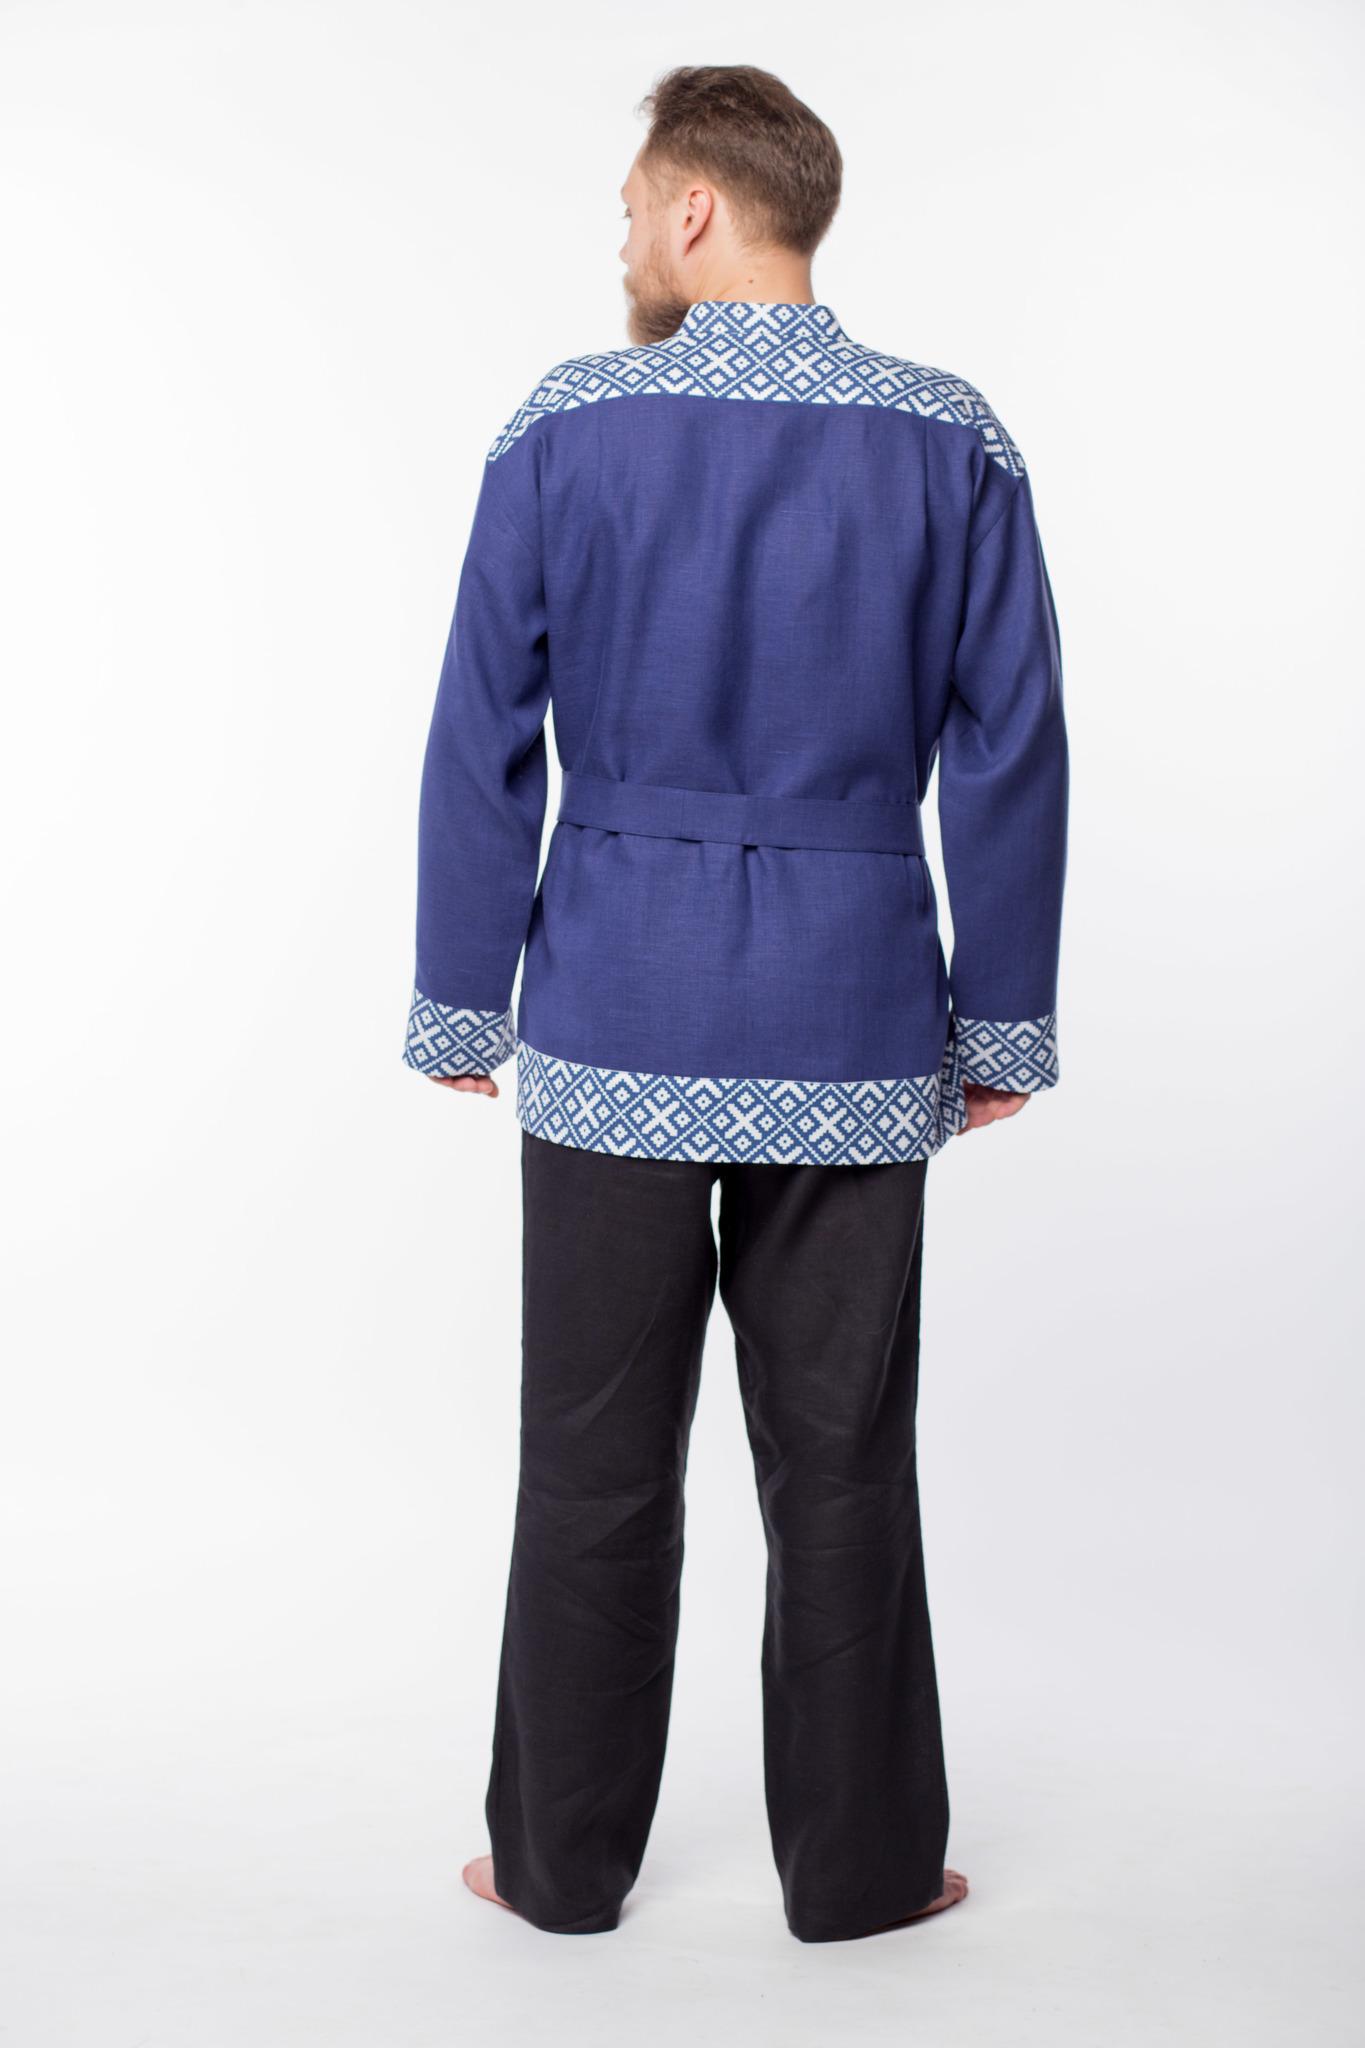 Мужская льняная рубаха Забайкальская вид сзади